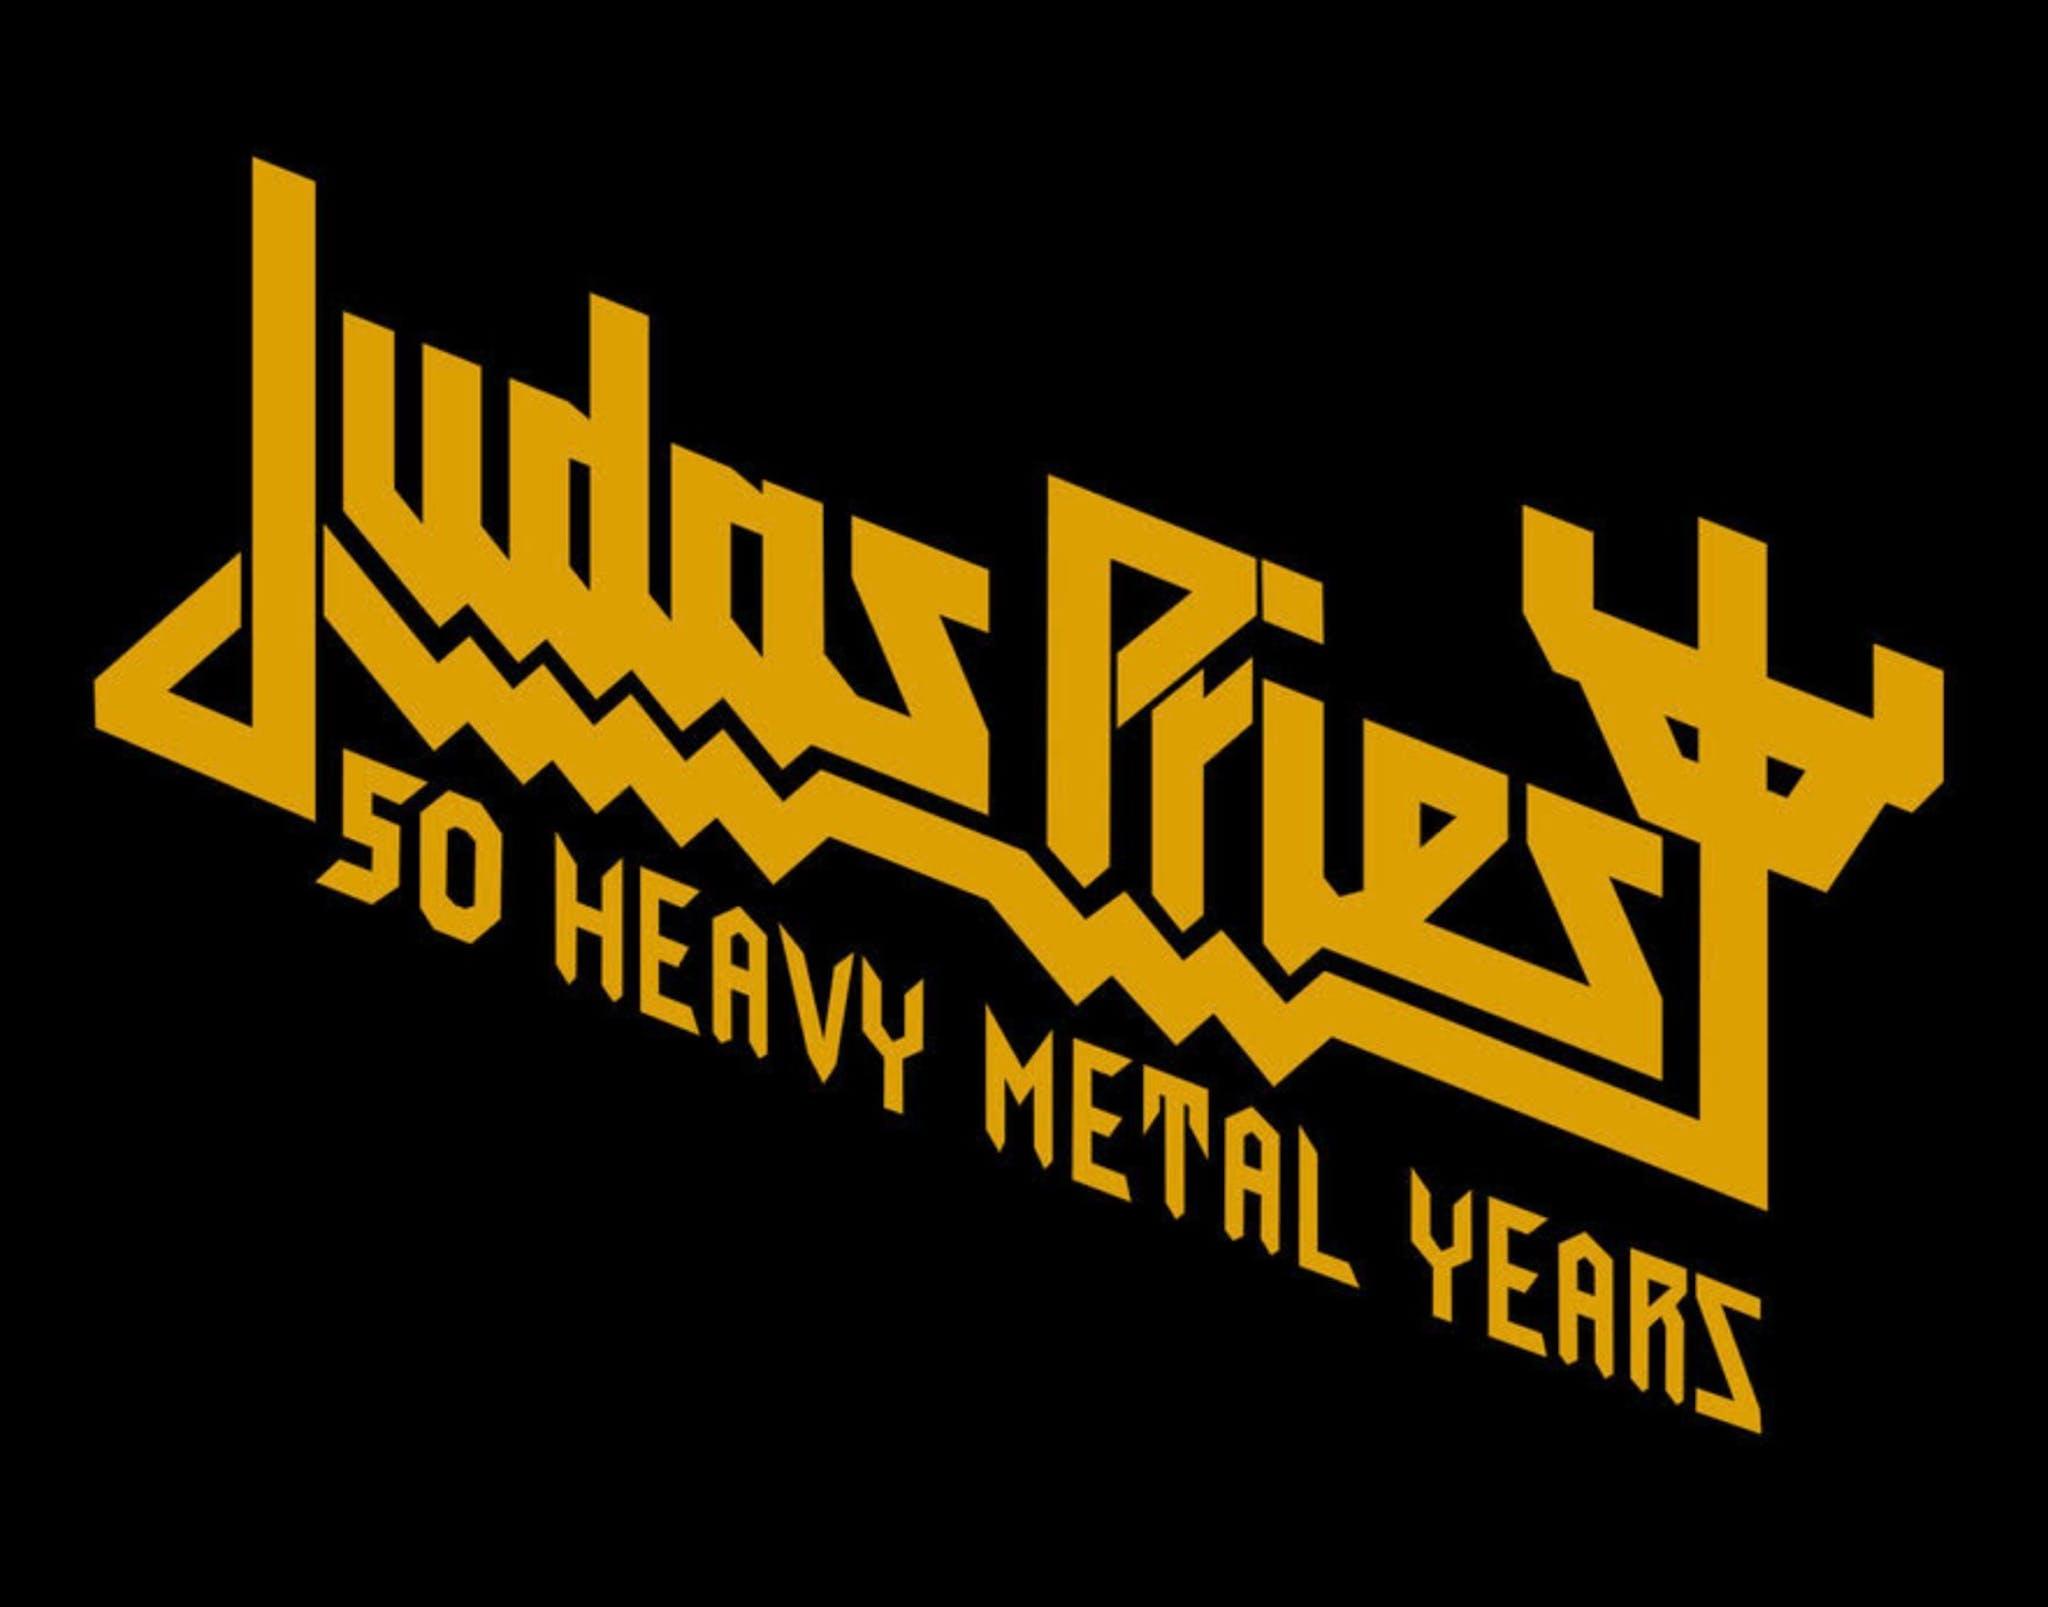 Judas Priest 50 heavy metal years poster